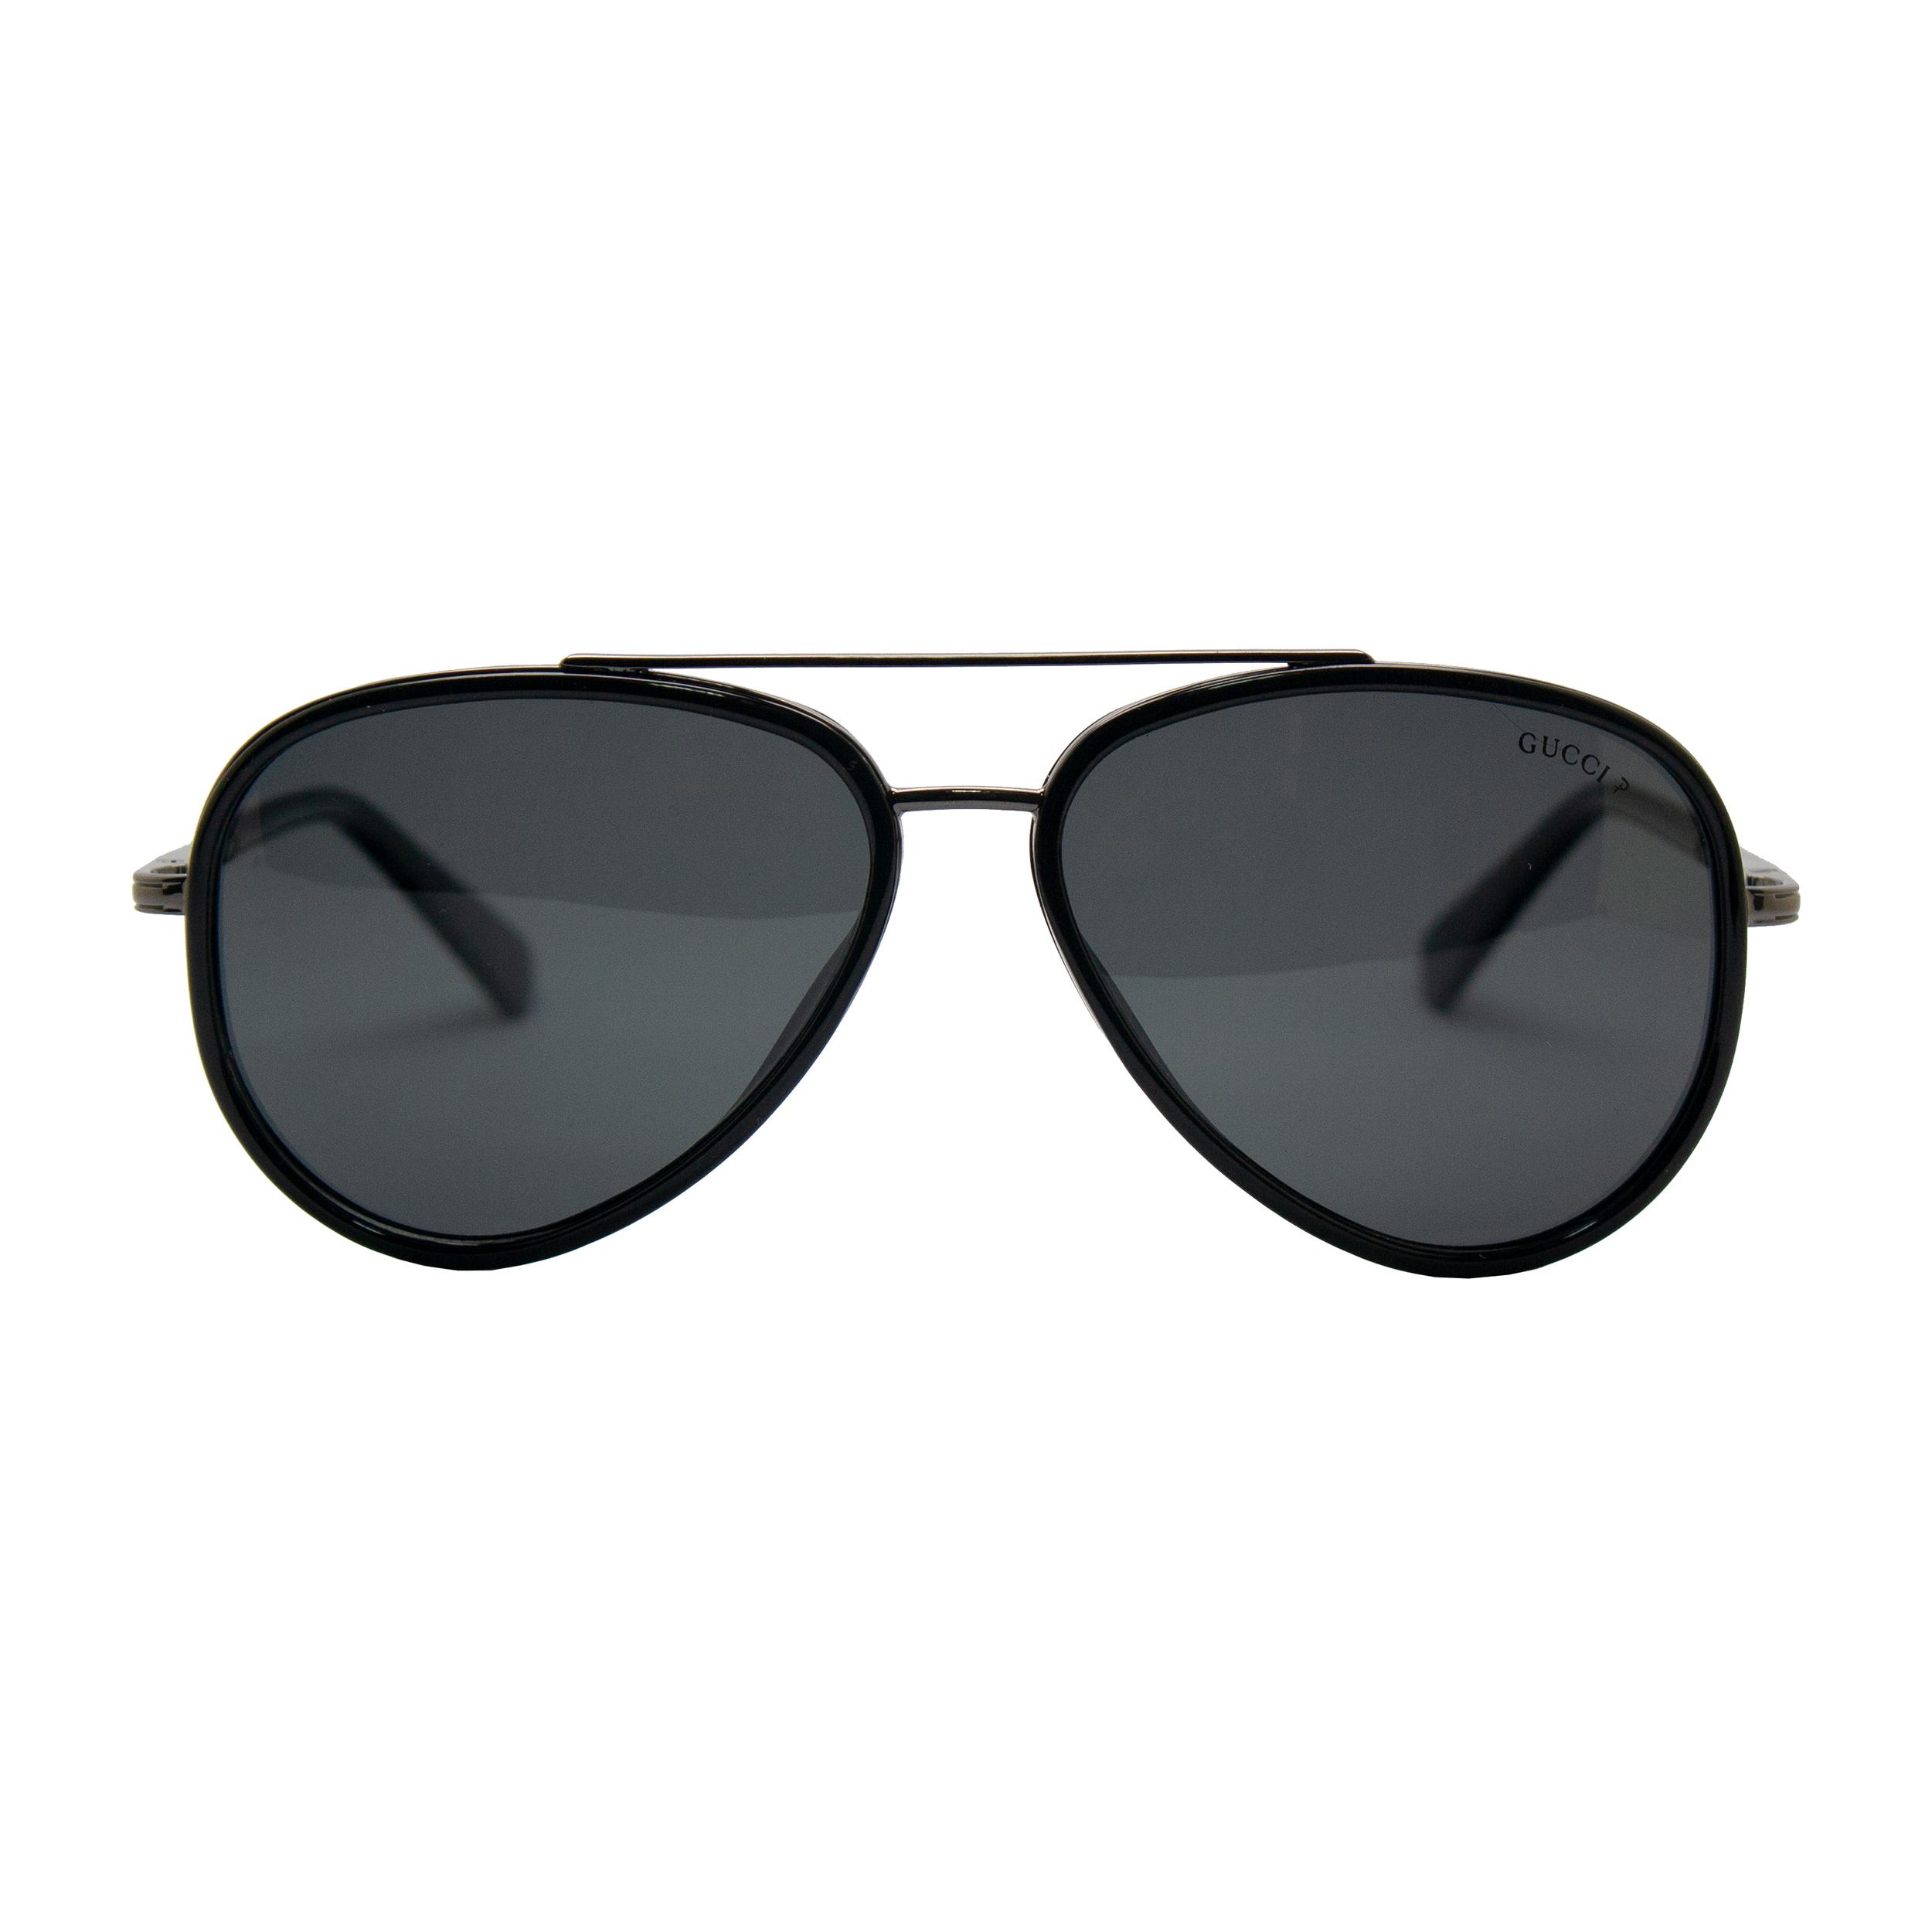 عینک آفتابی گوچی مدل R7507